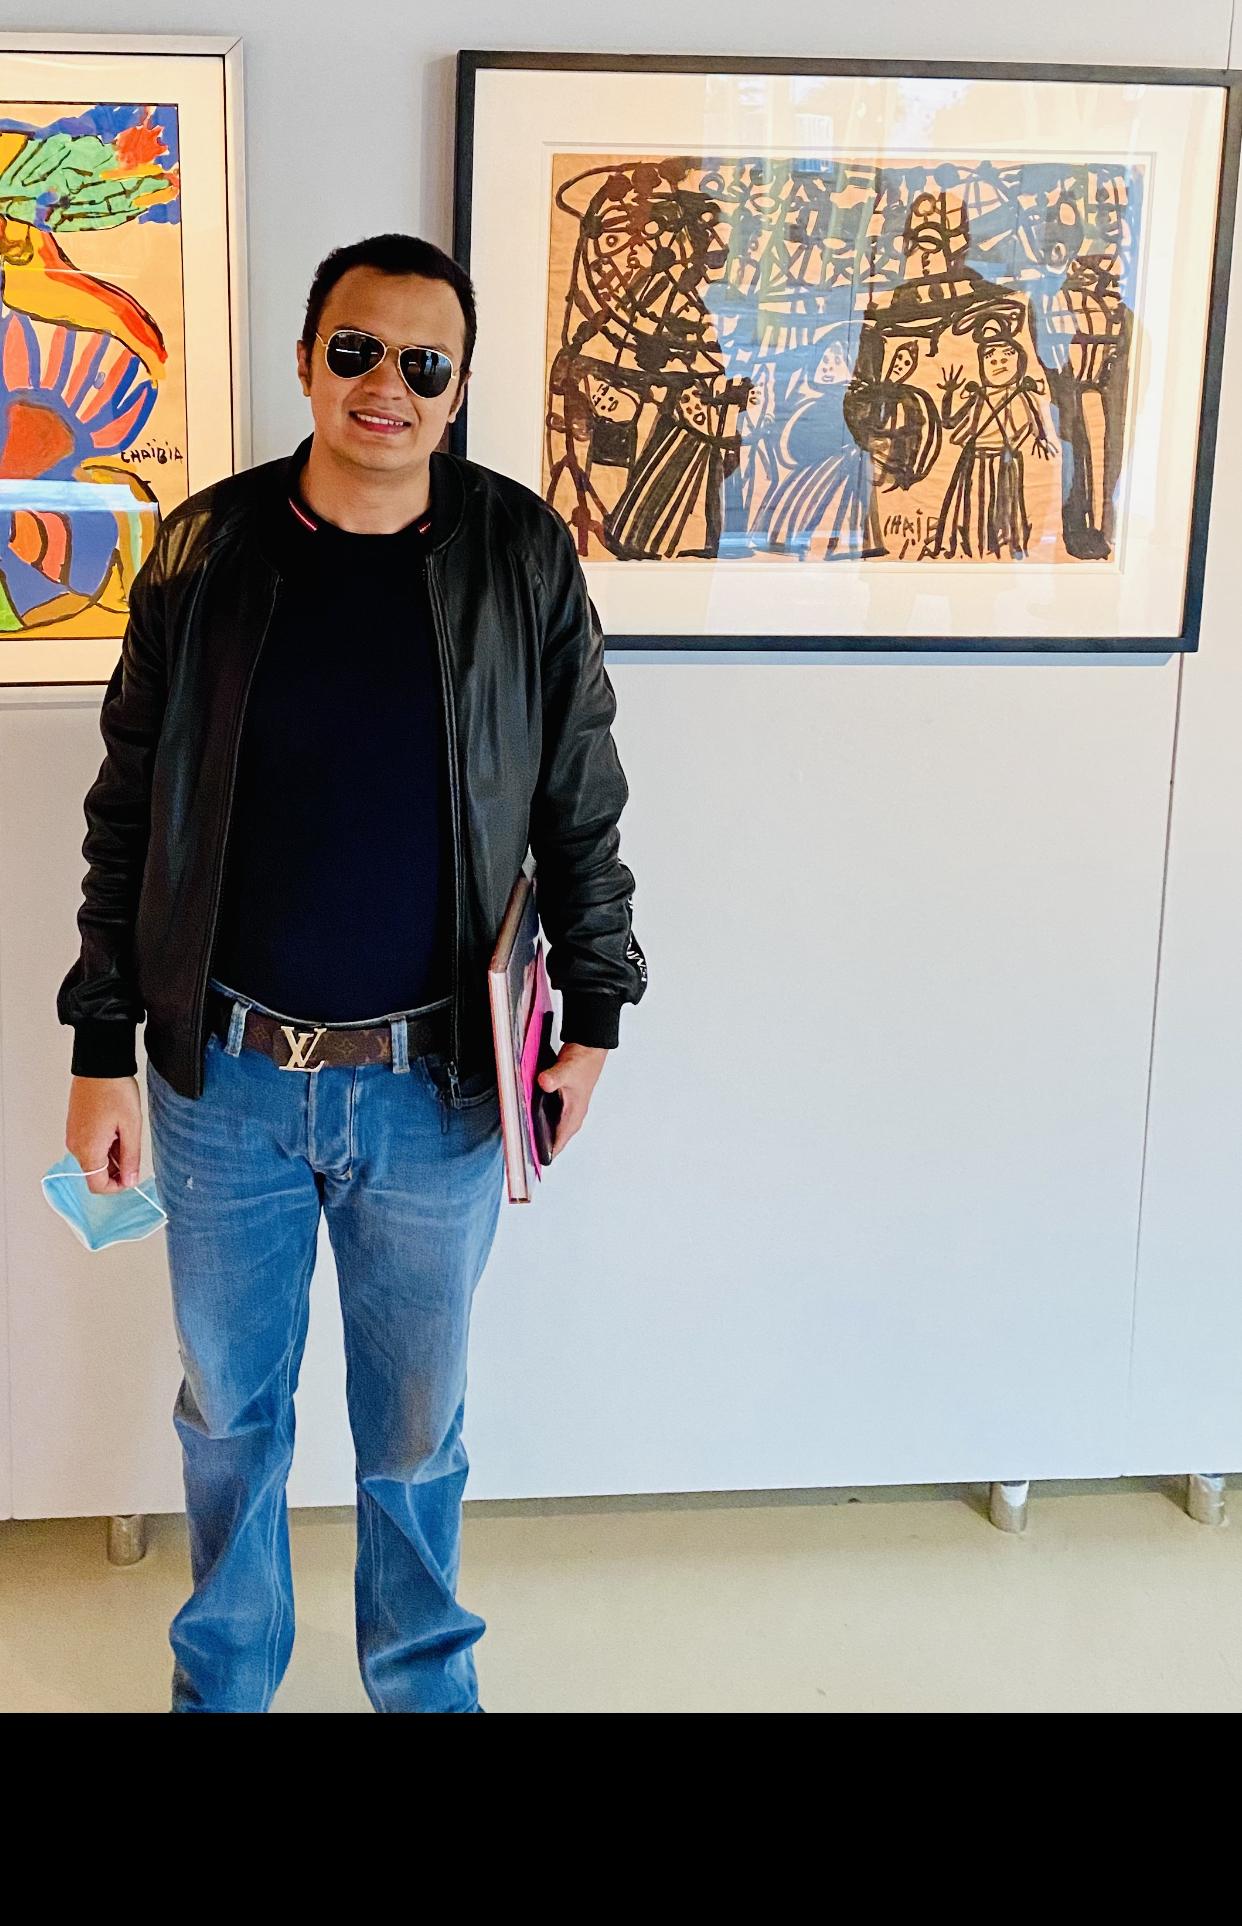 Oeuvre de Chaïbia Talal exposée à la fondation CDG